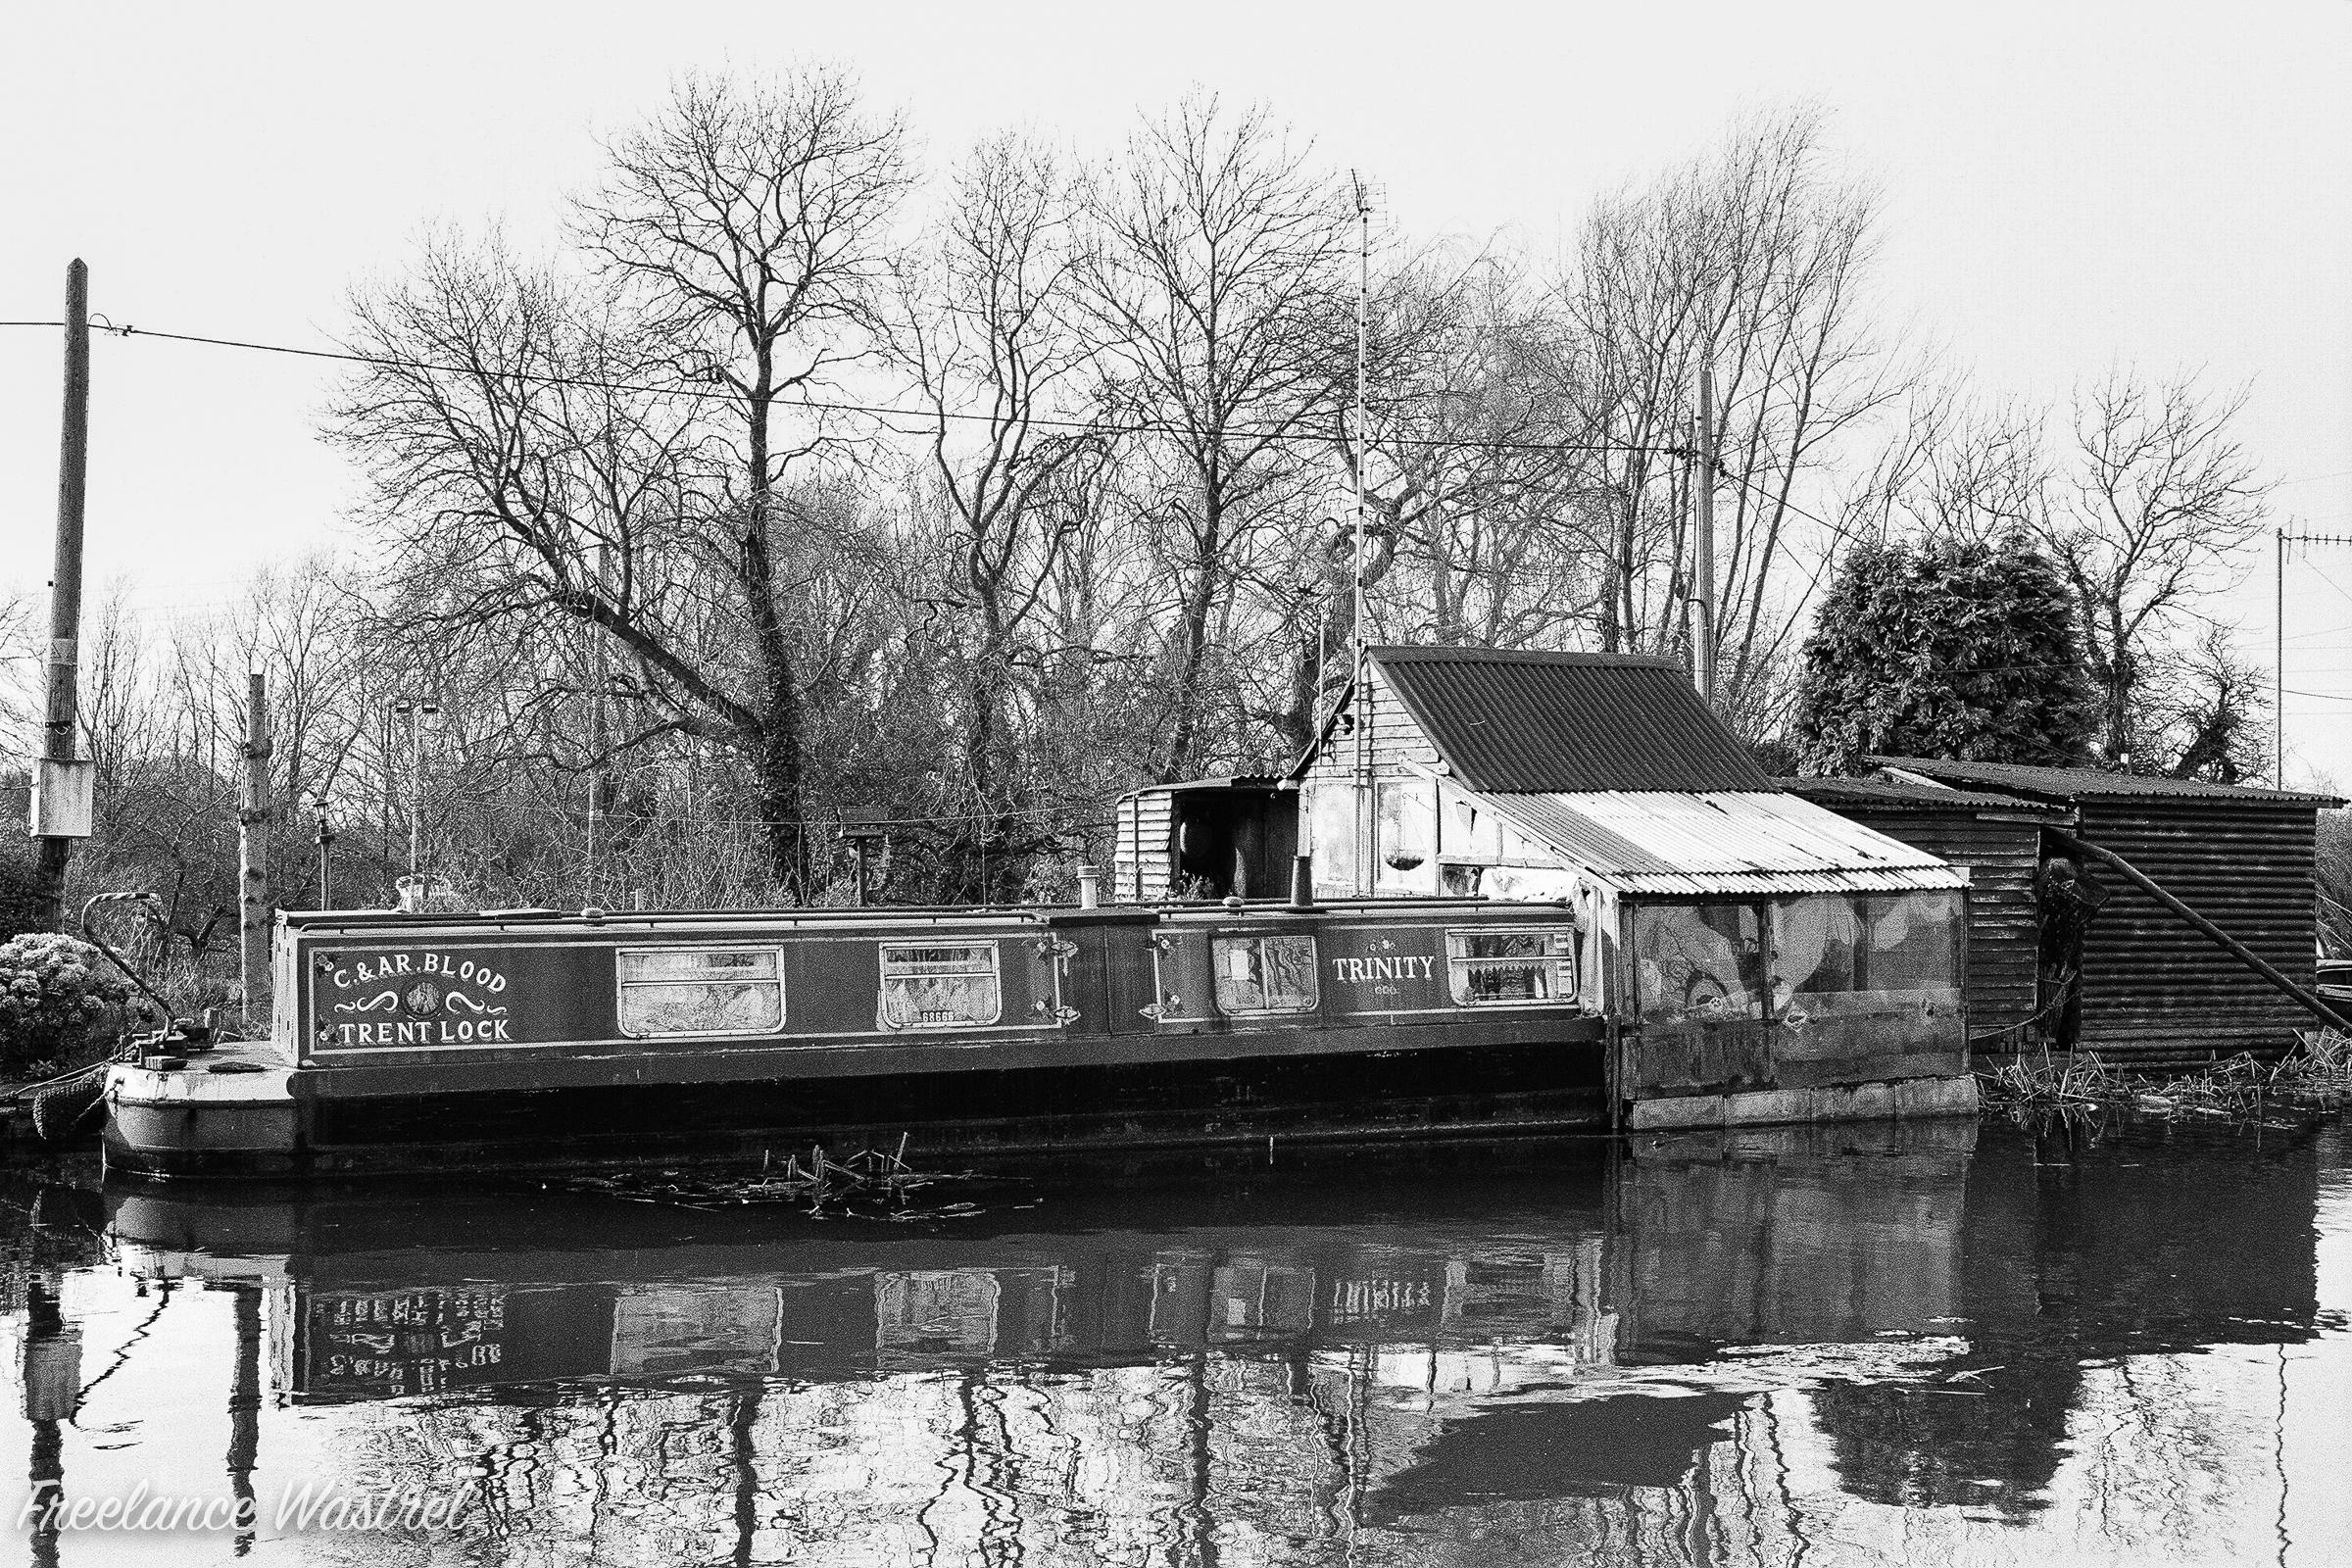 Trinity, Erewash Canal, February 2018